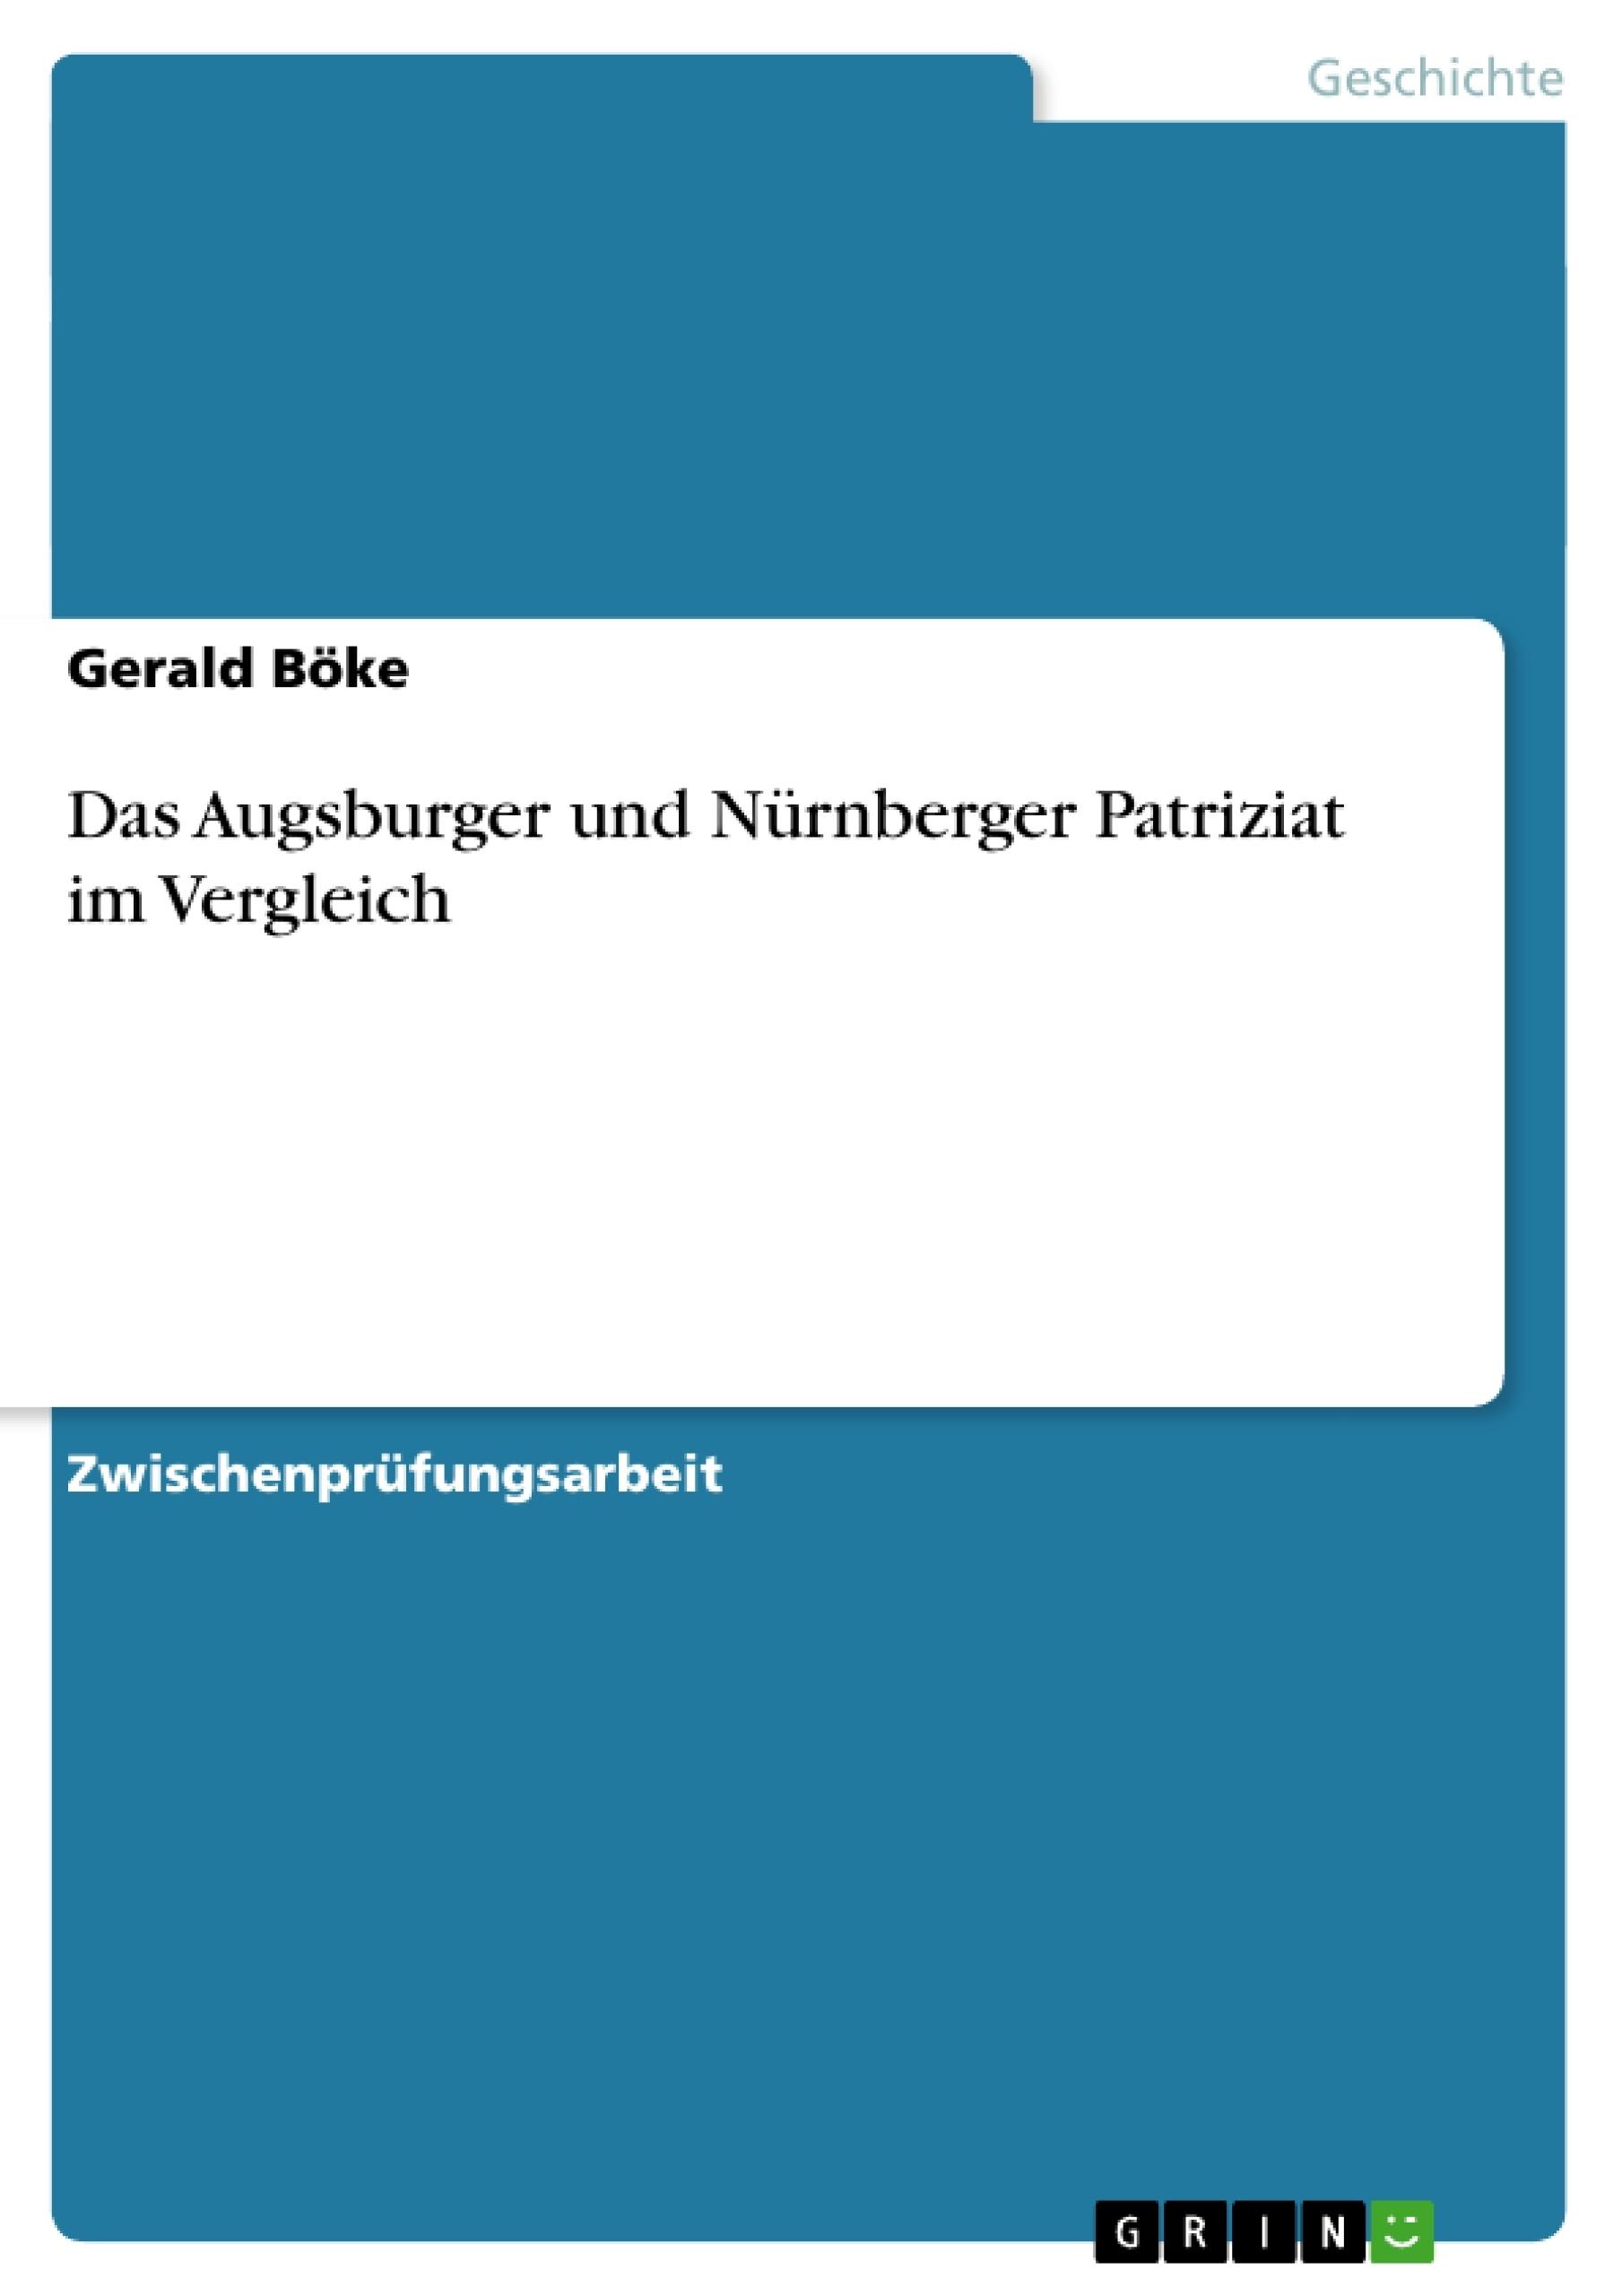 Titel: Das Augsburger und Nürnberger Patriziat im Vergleich